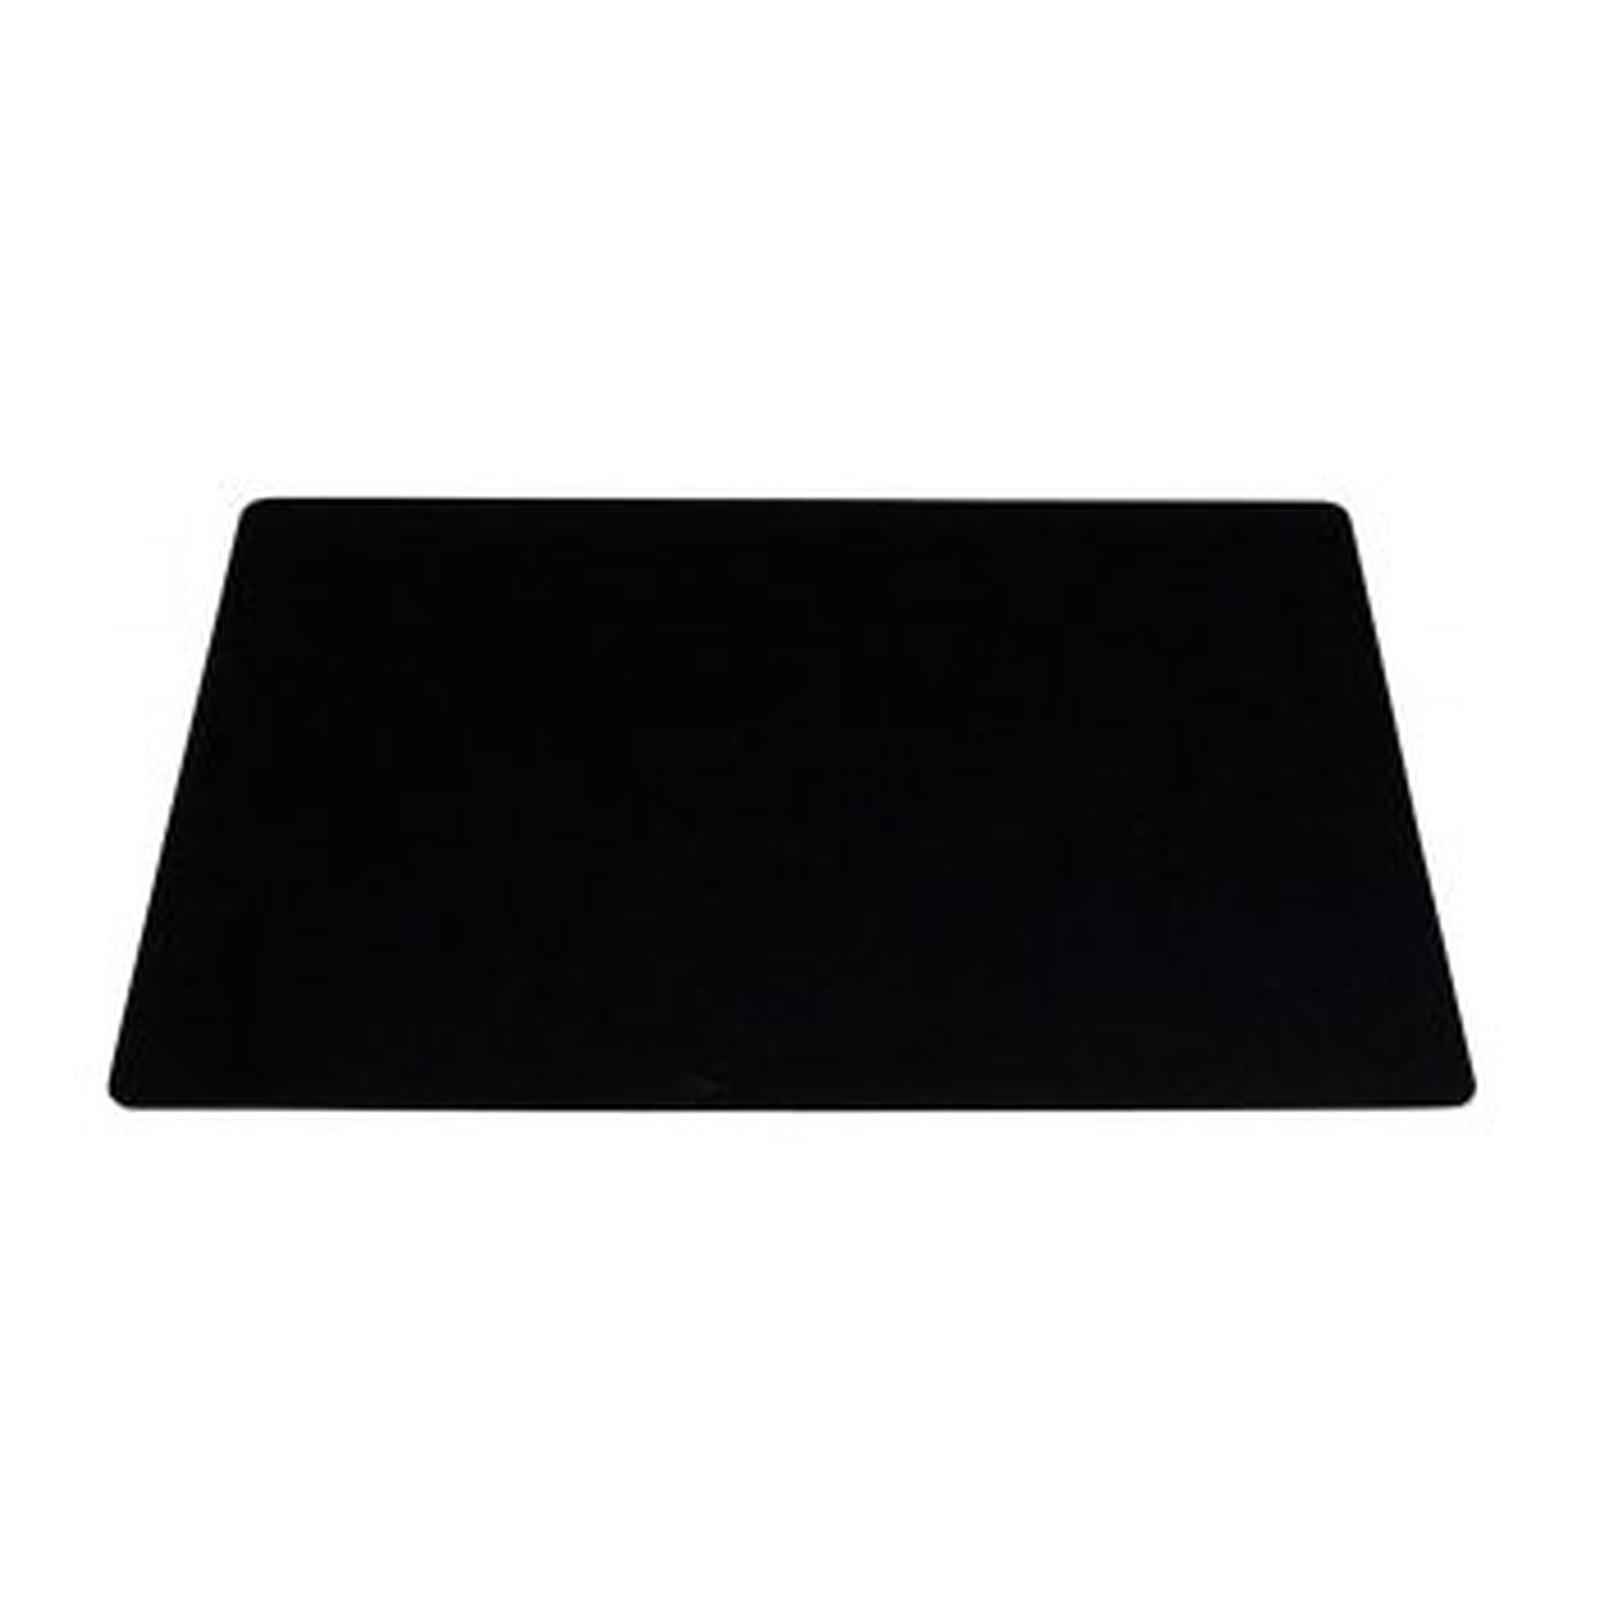 Tapis de souris simple (coloris noir)